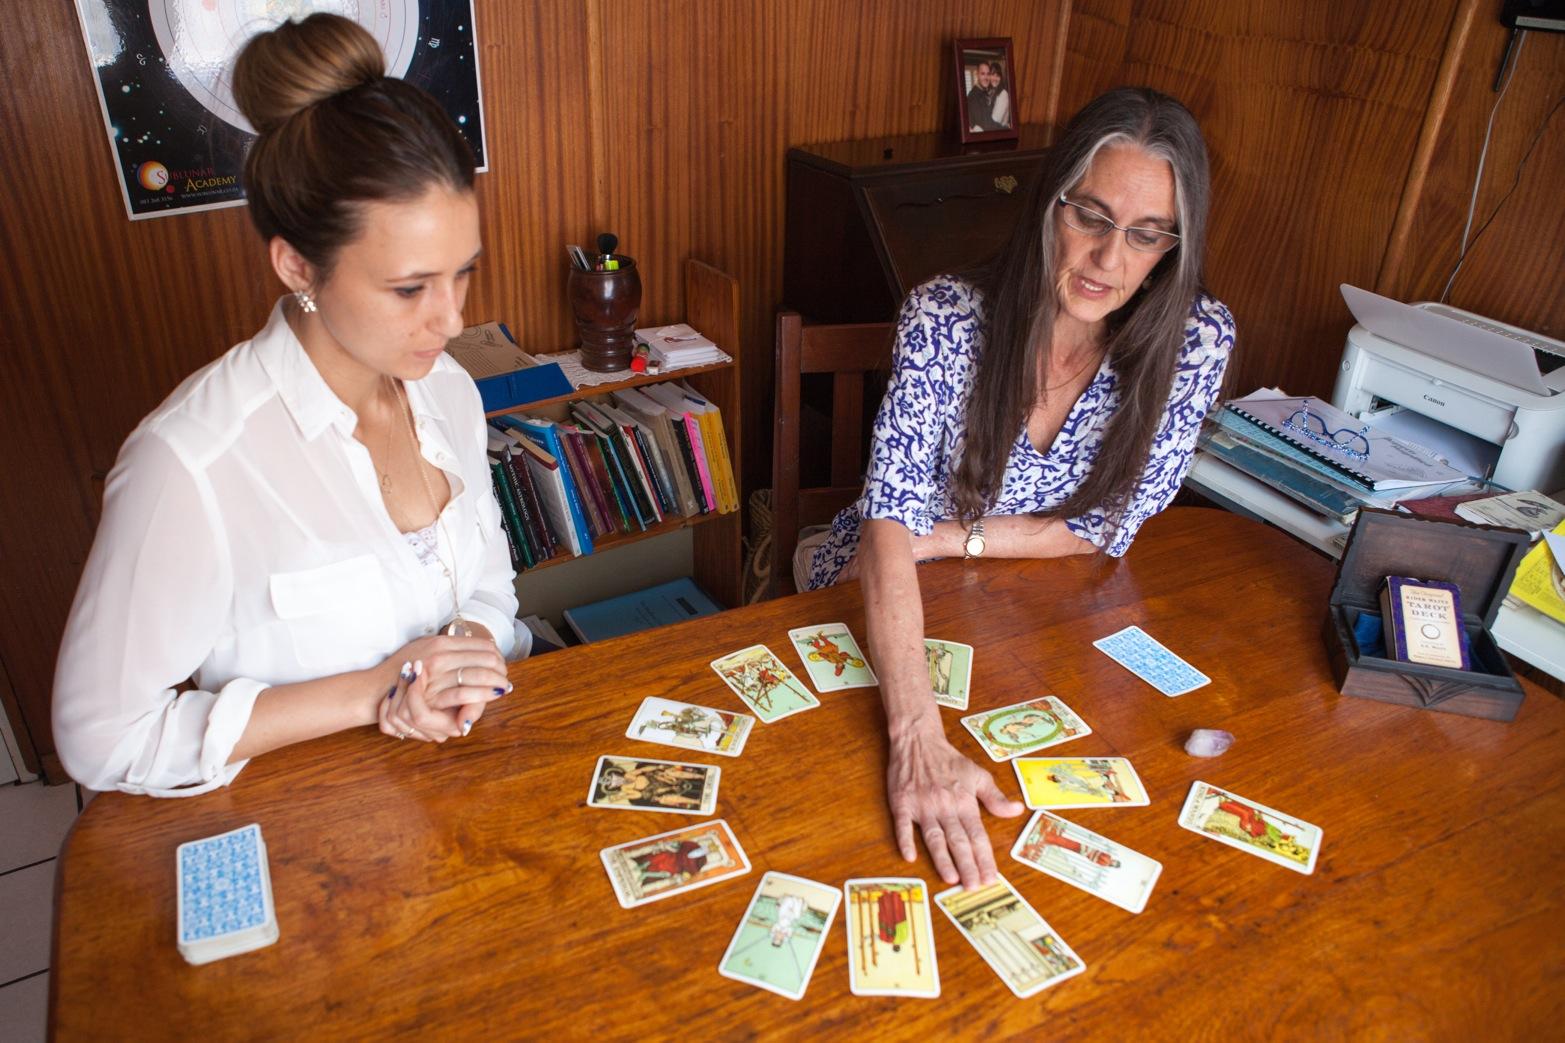 Astrology, Tarot card reading, South Africa, johannesburg, Gauteng